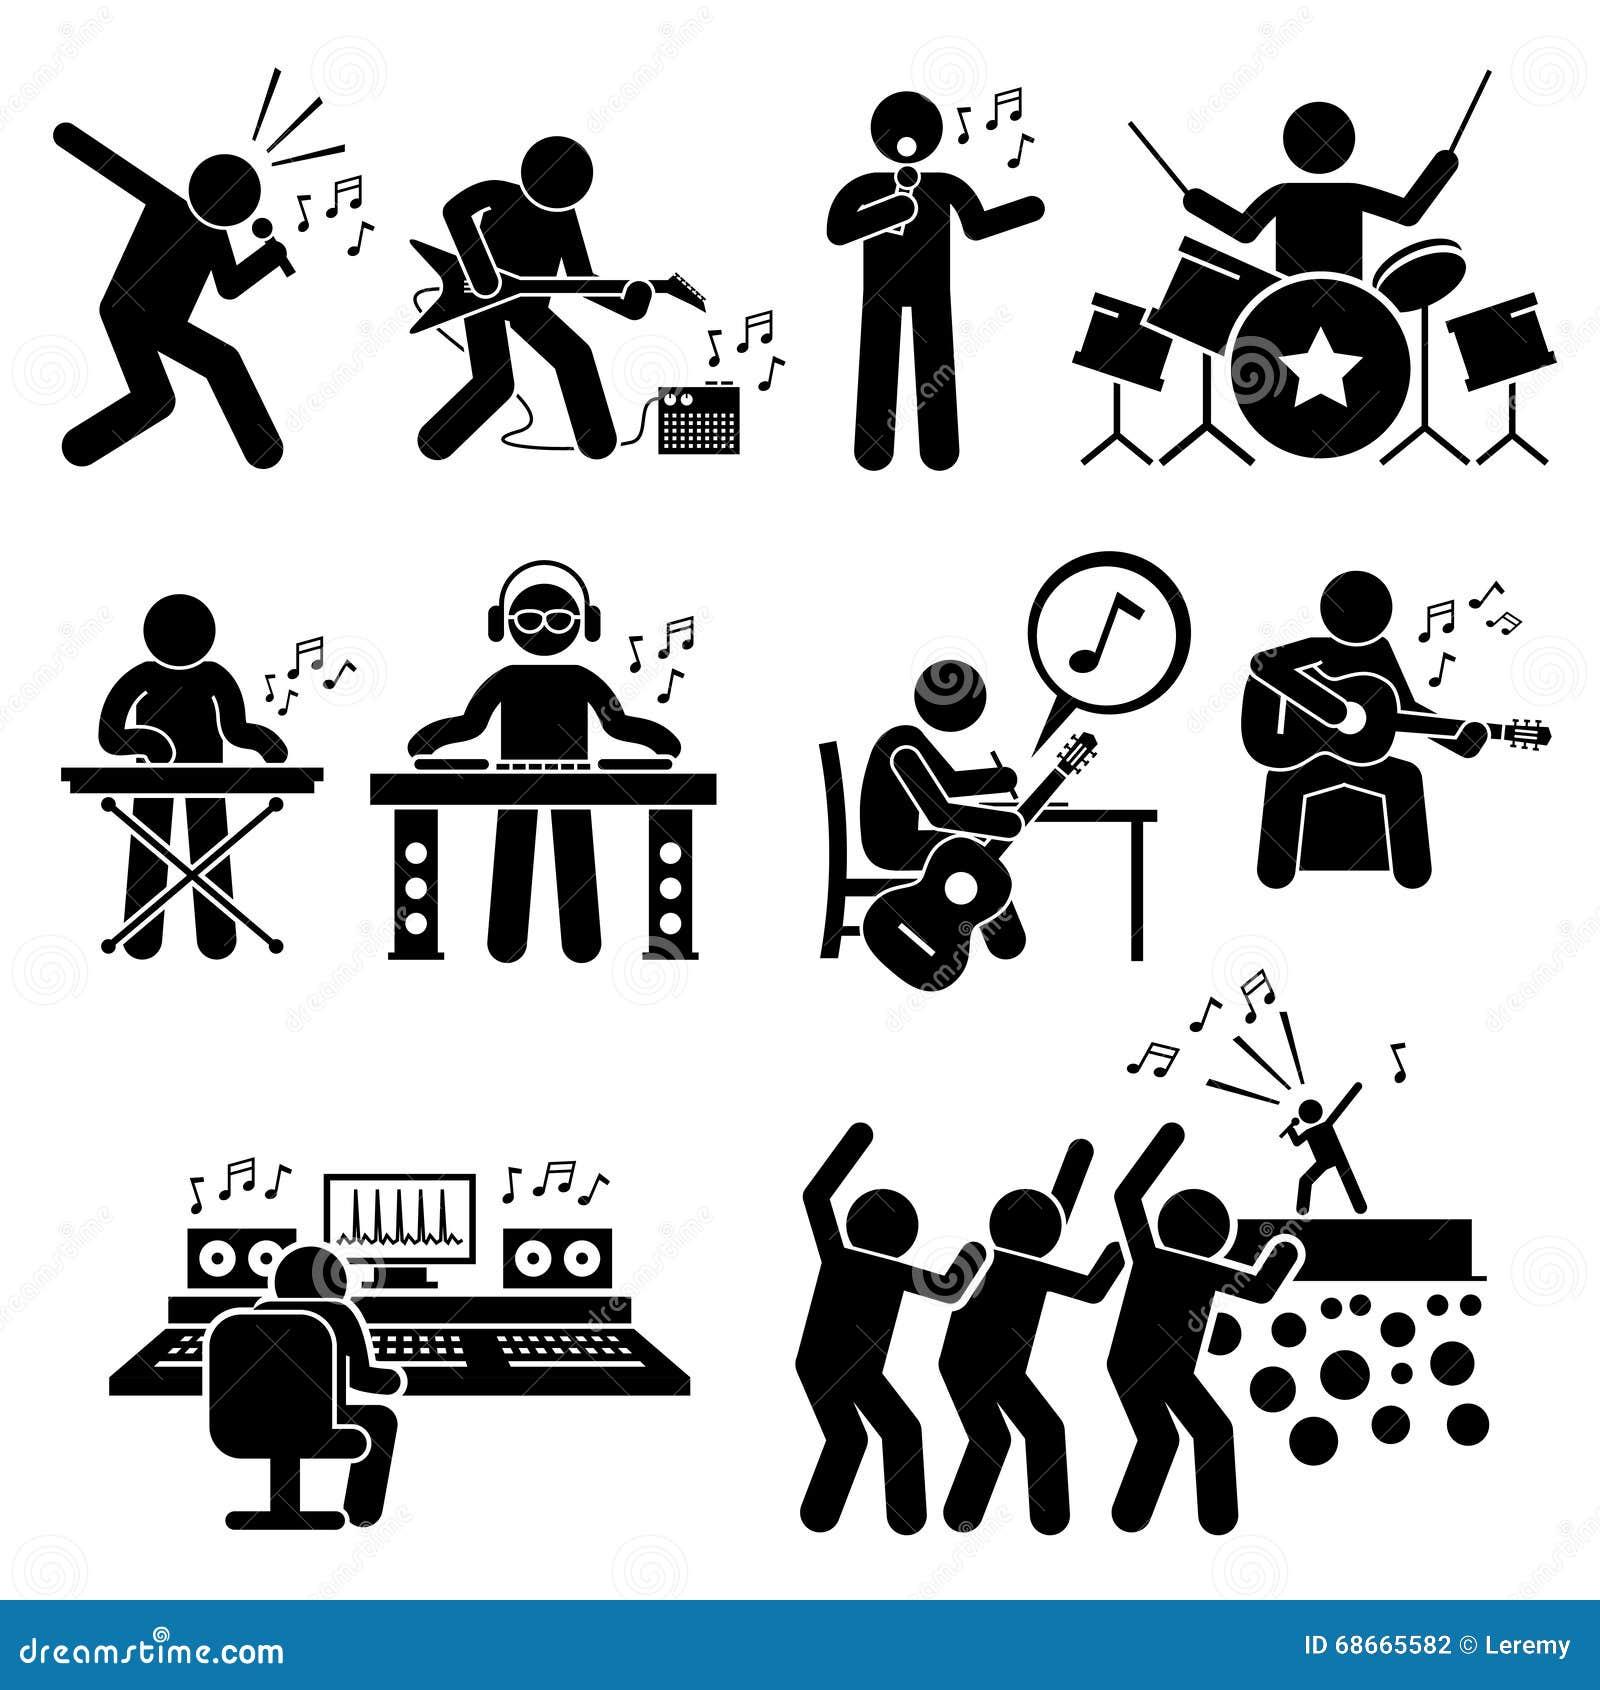 ... Abbildung: Rockstar-Musiker Music Artist mit Musikinstrumenten Clipart